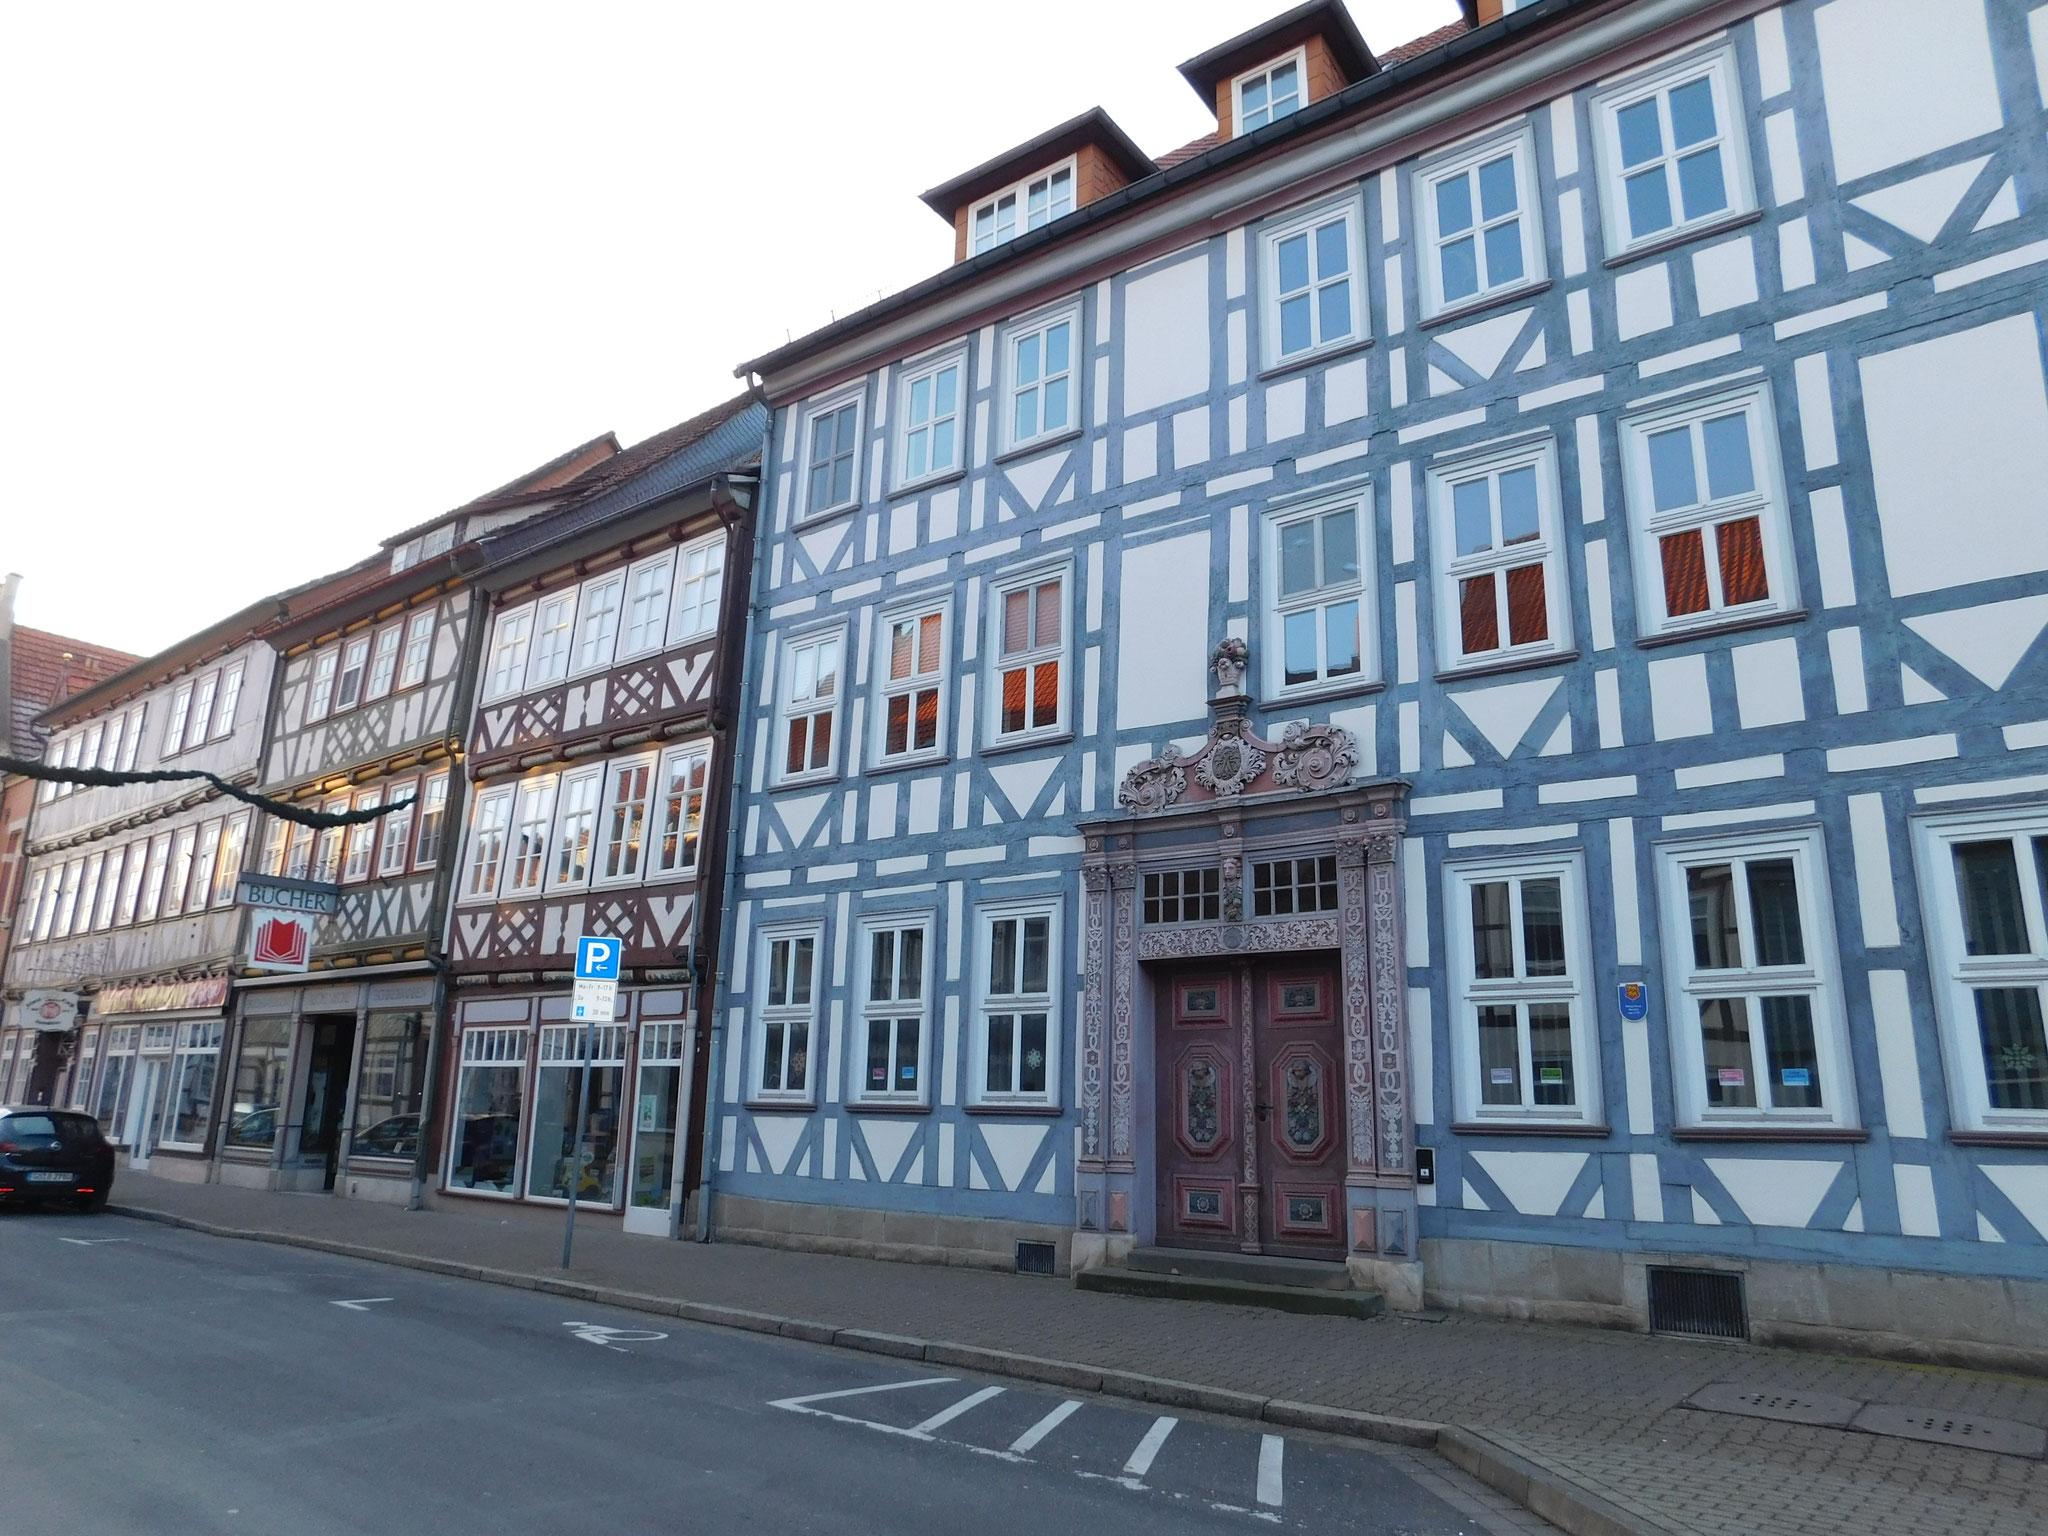 Architektur historischer Gebäude